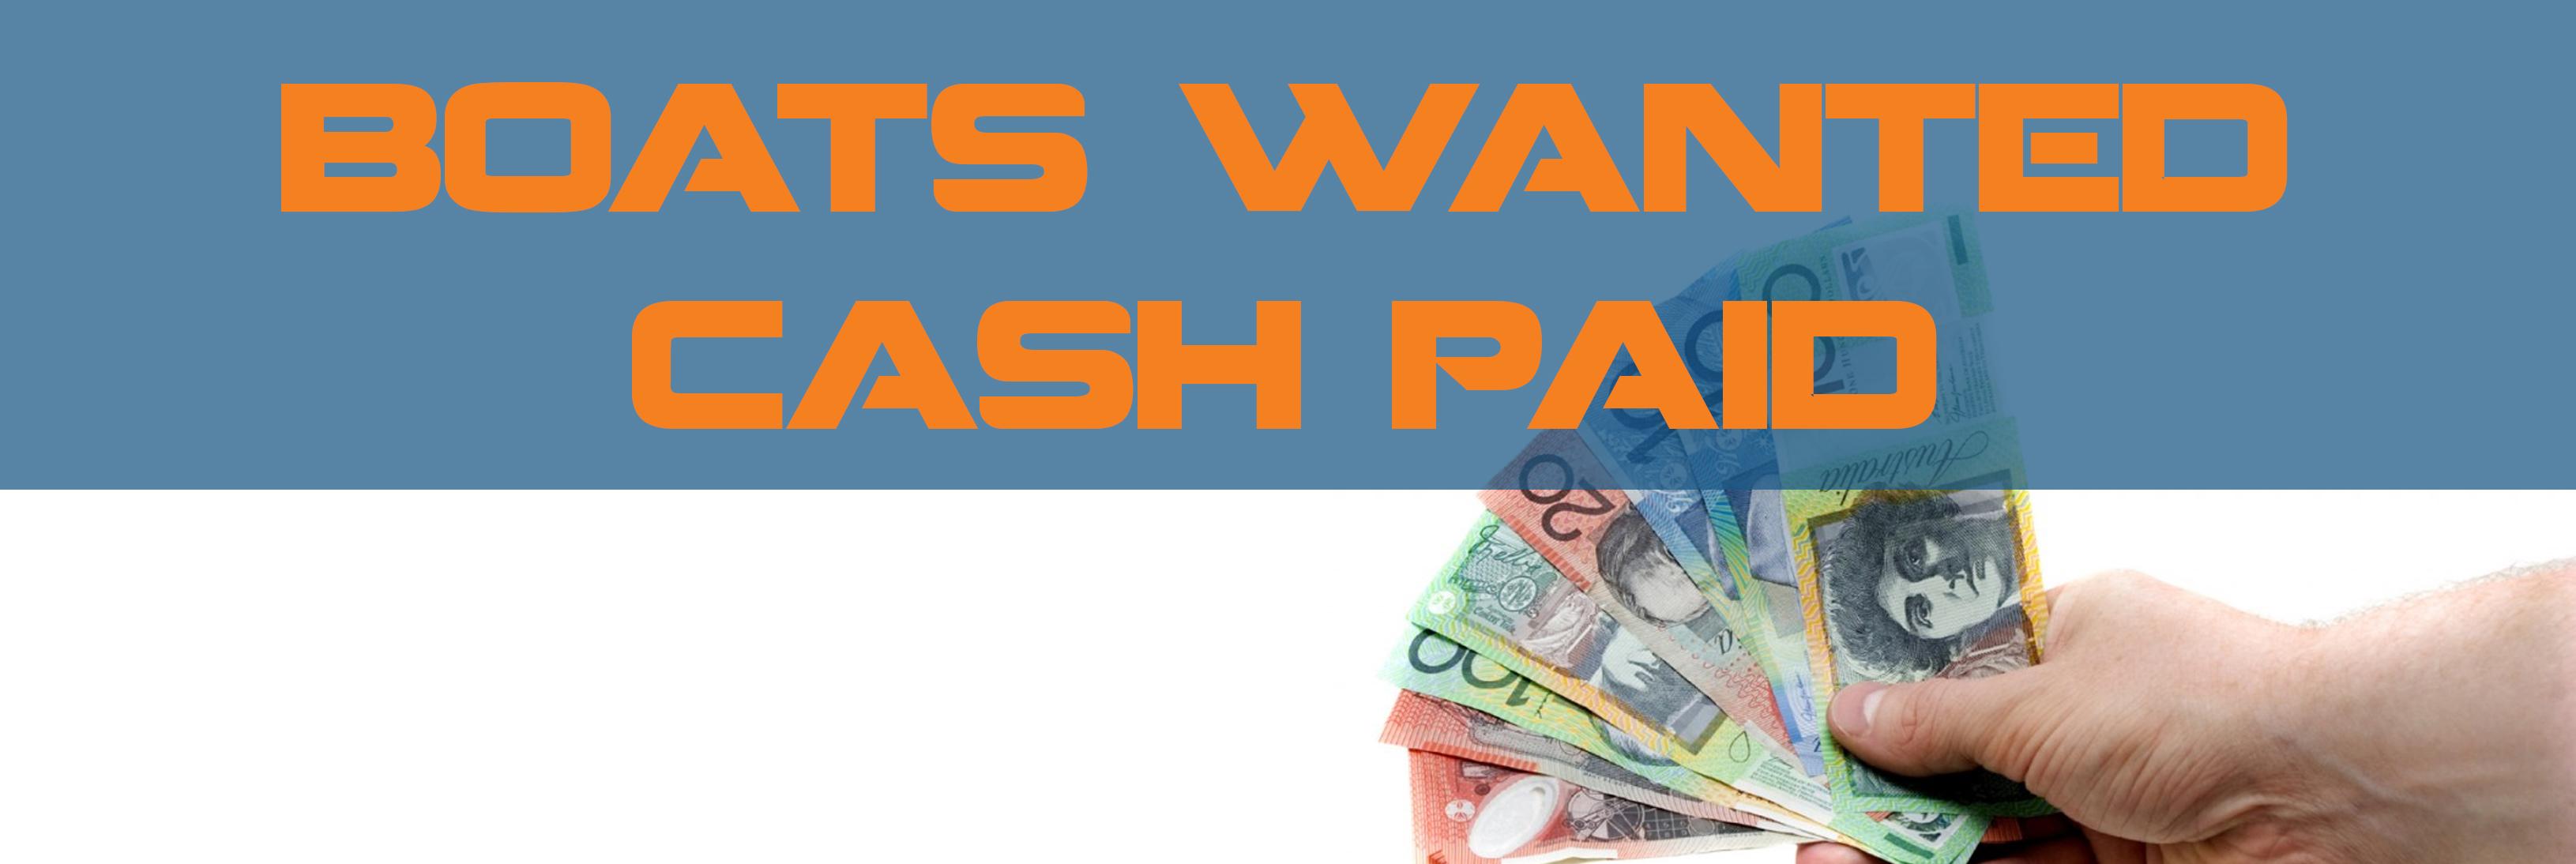 cash-paid-4